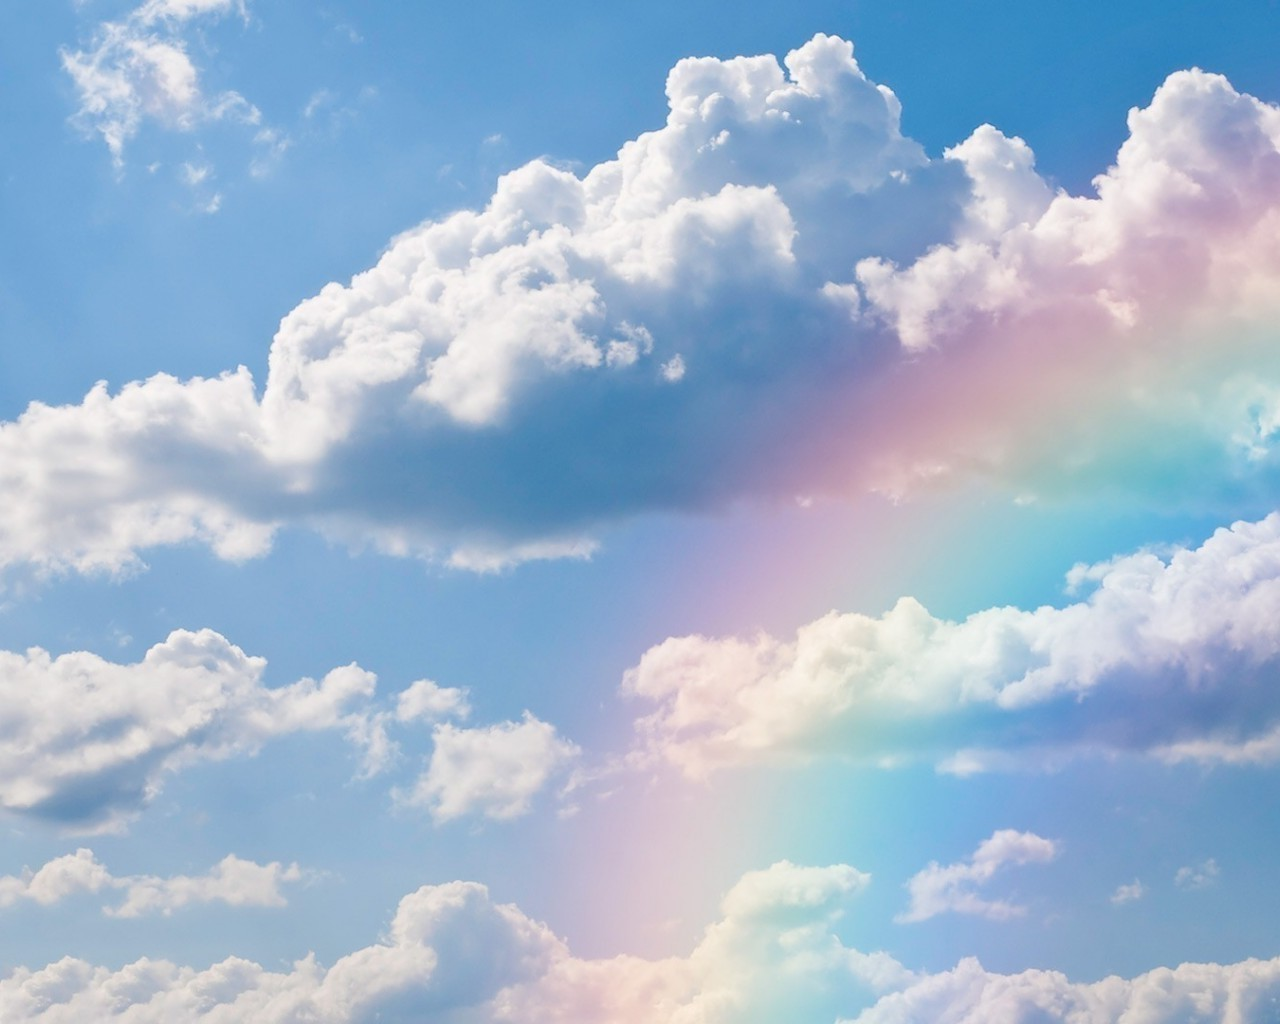 Для, красивые картинки небо с облаками